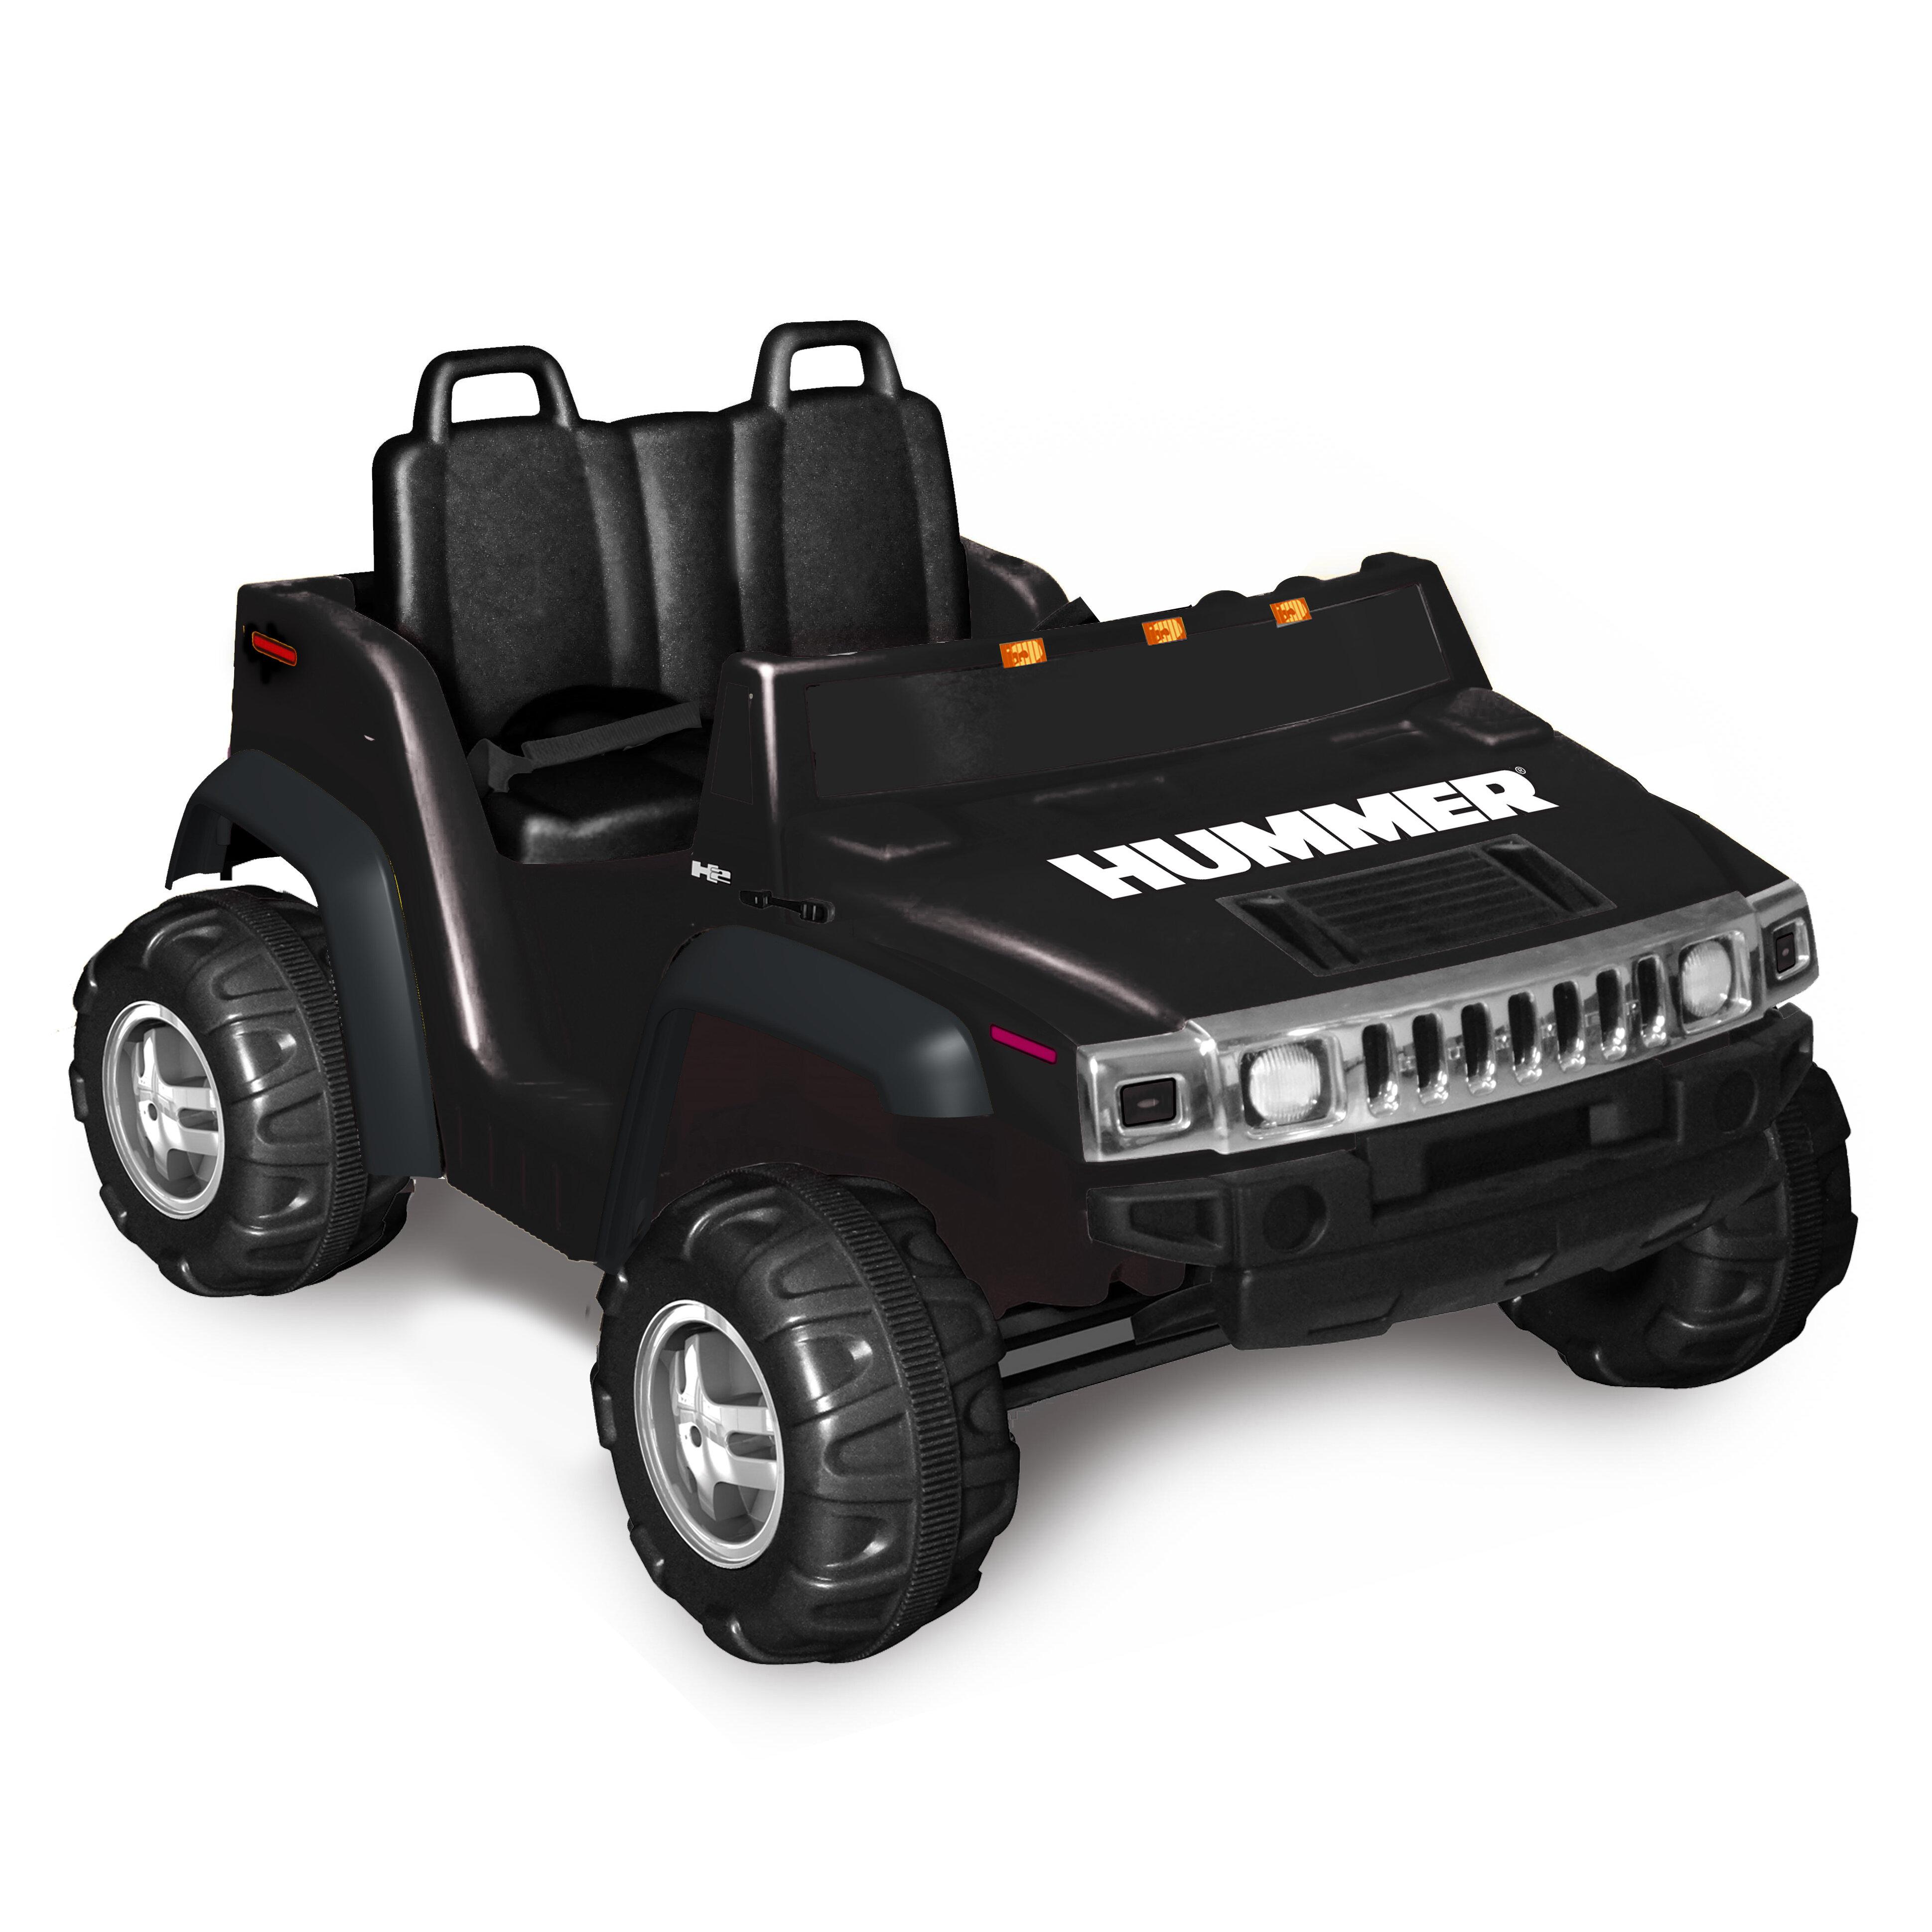 Kidz Motorz Hummer H2 12v Battery Powered Jeep Reviews Wayfair